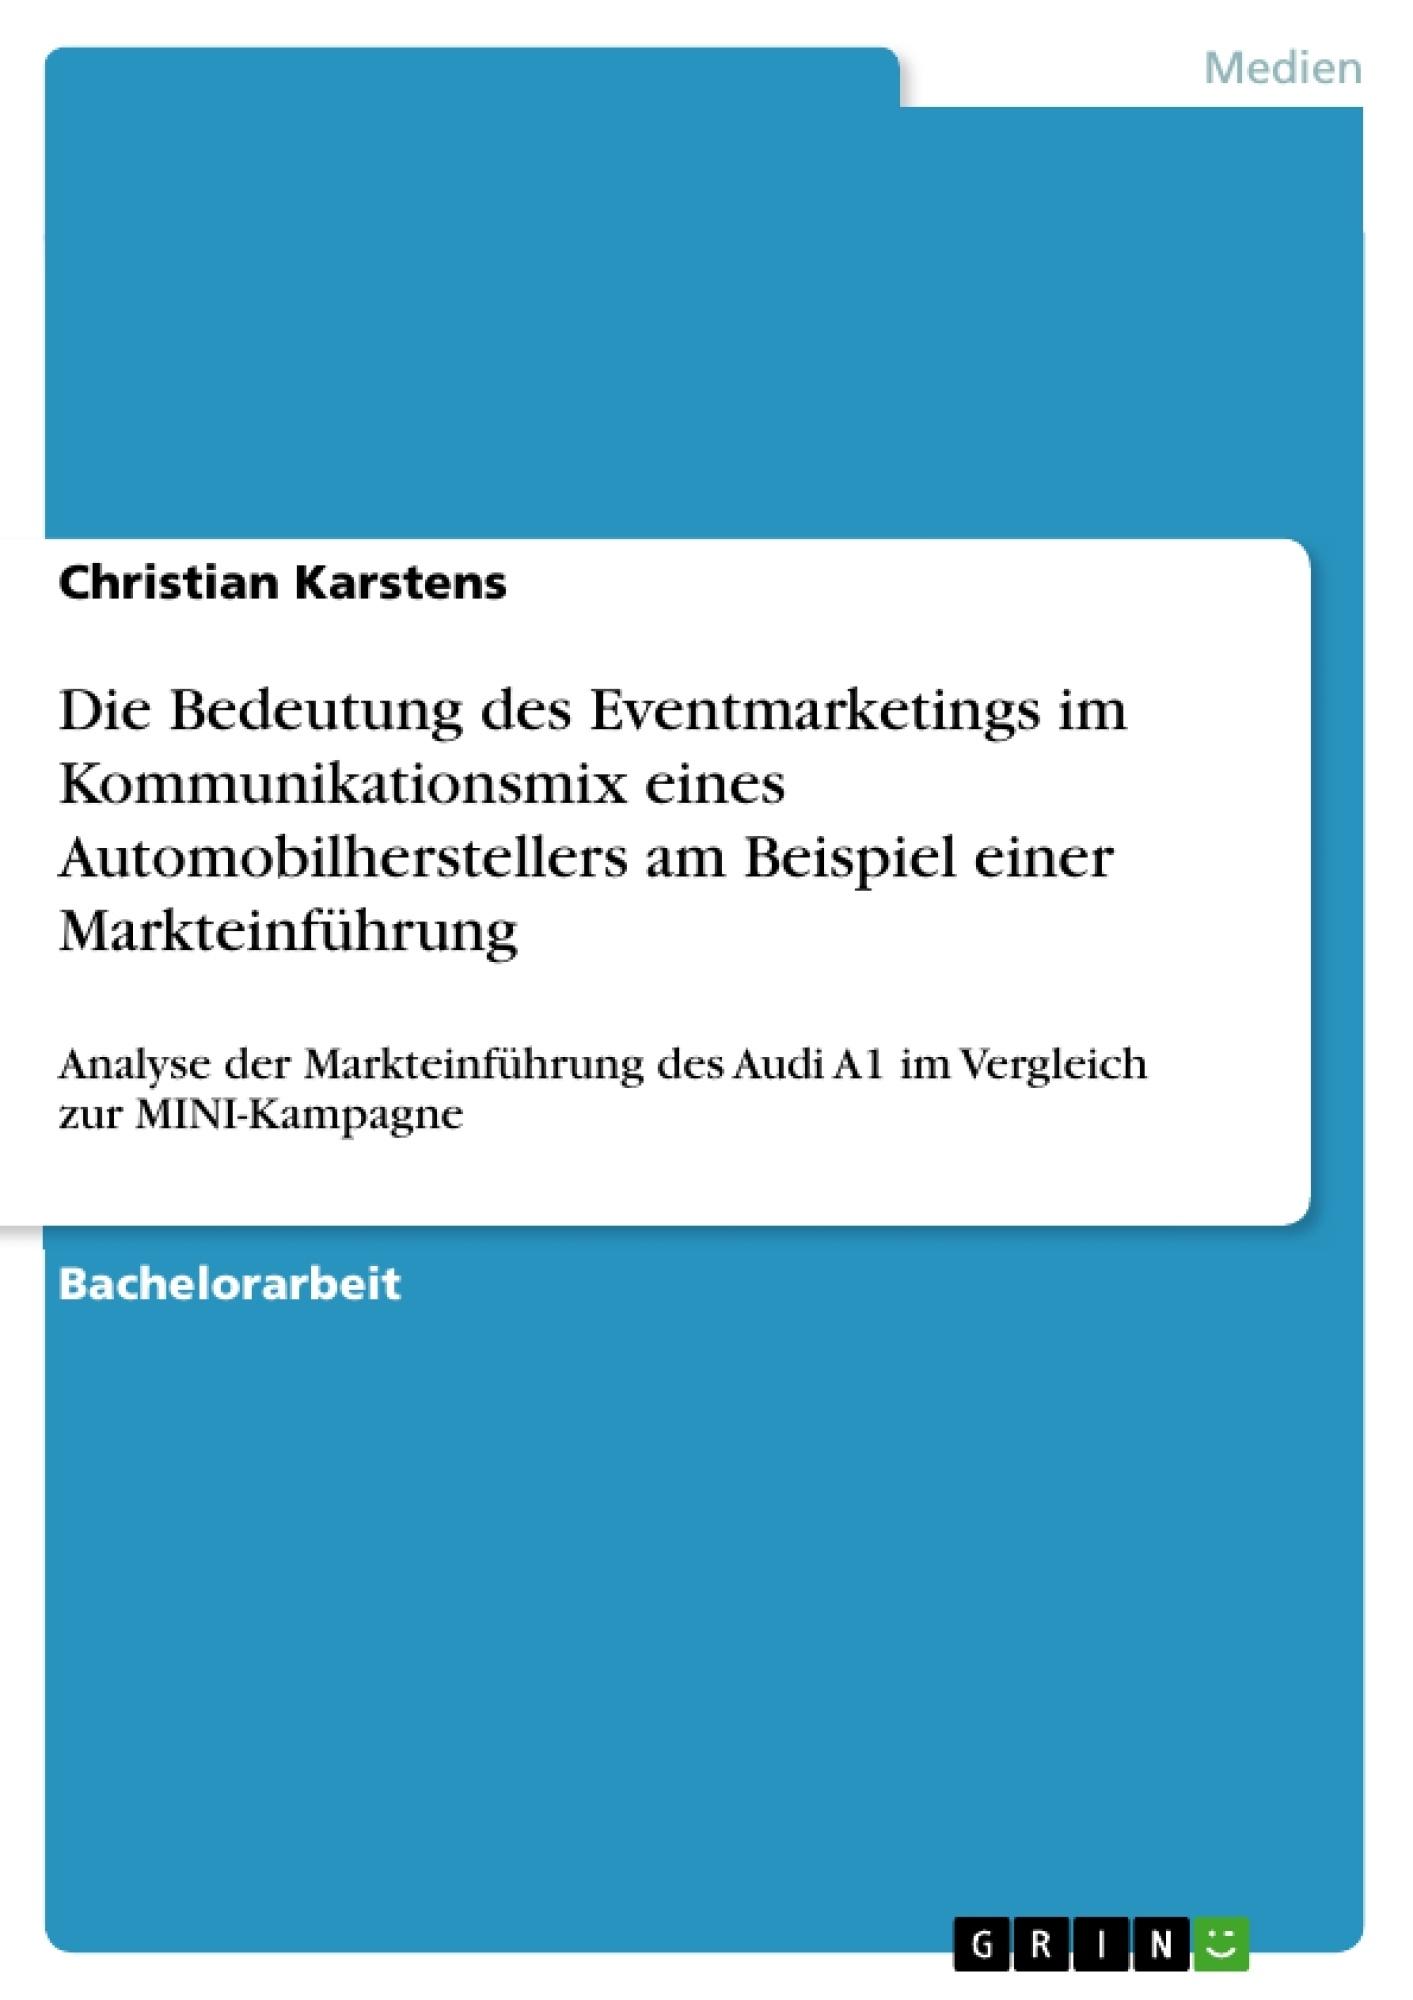 Titel: Die Bedeutung des Eventmarketings im Kommunikationsmix eines Automobilherstellers am Beispiel einer Markteinführung